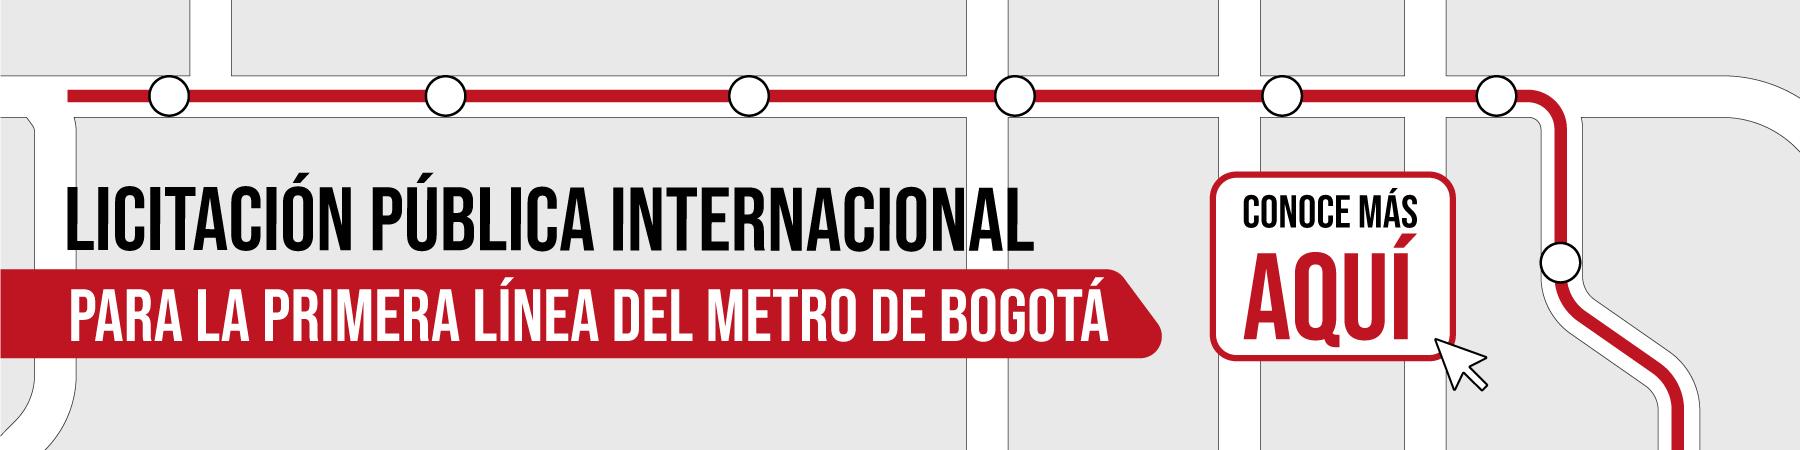 Infografía Licitación Pública Internacional